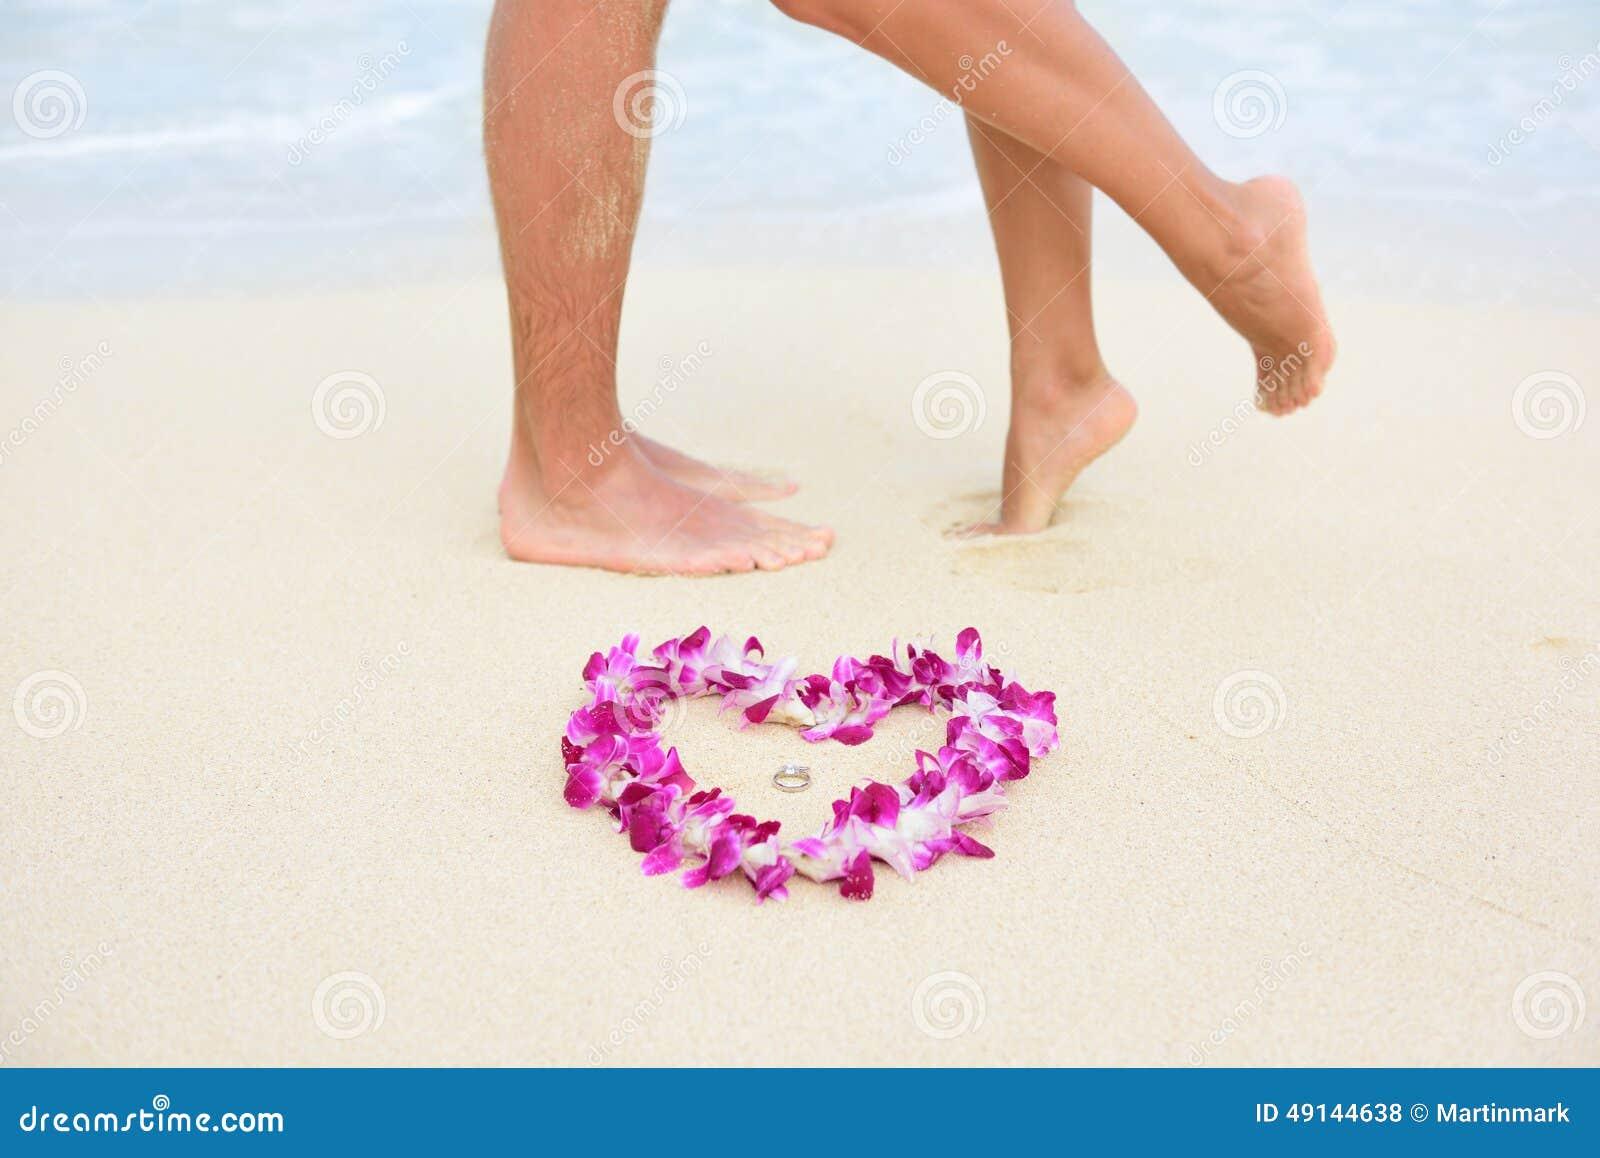 Anillos de bodas de playa con los pies de los pares que se besan